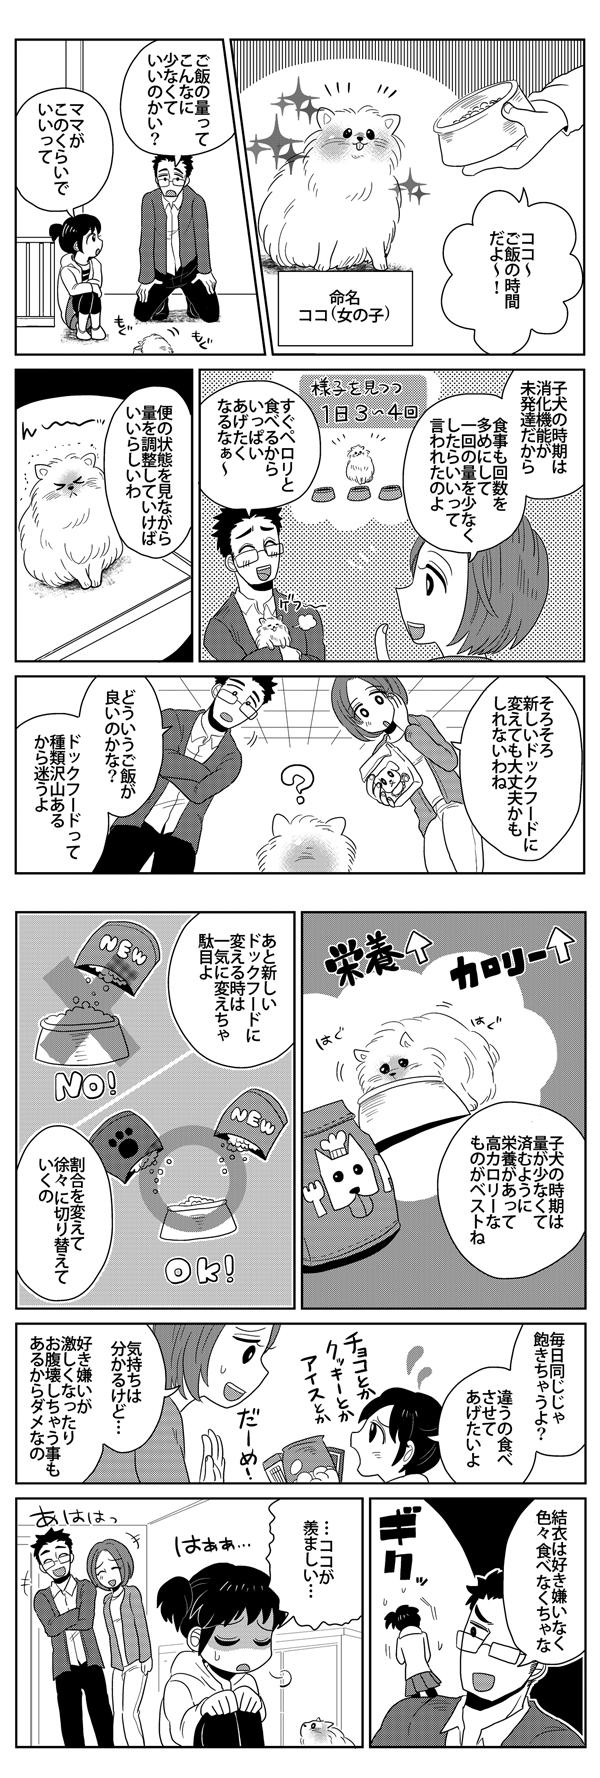 ポメラニアン漫画5